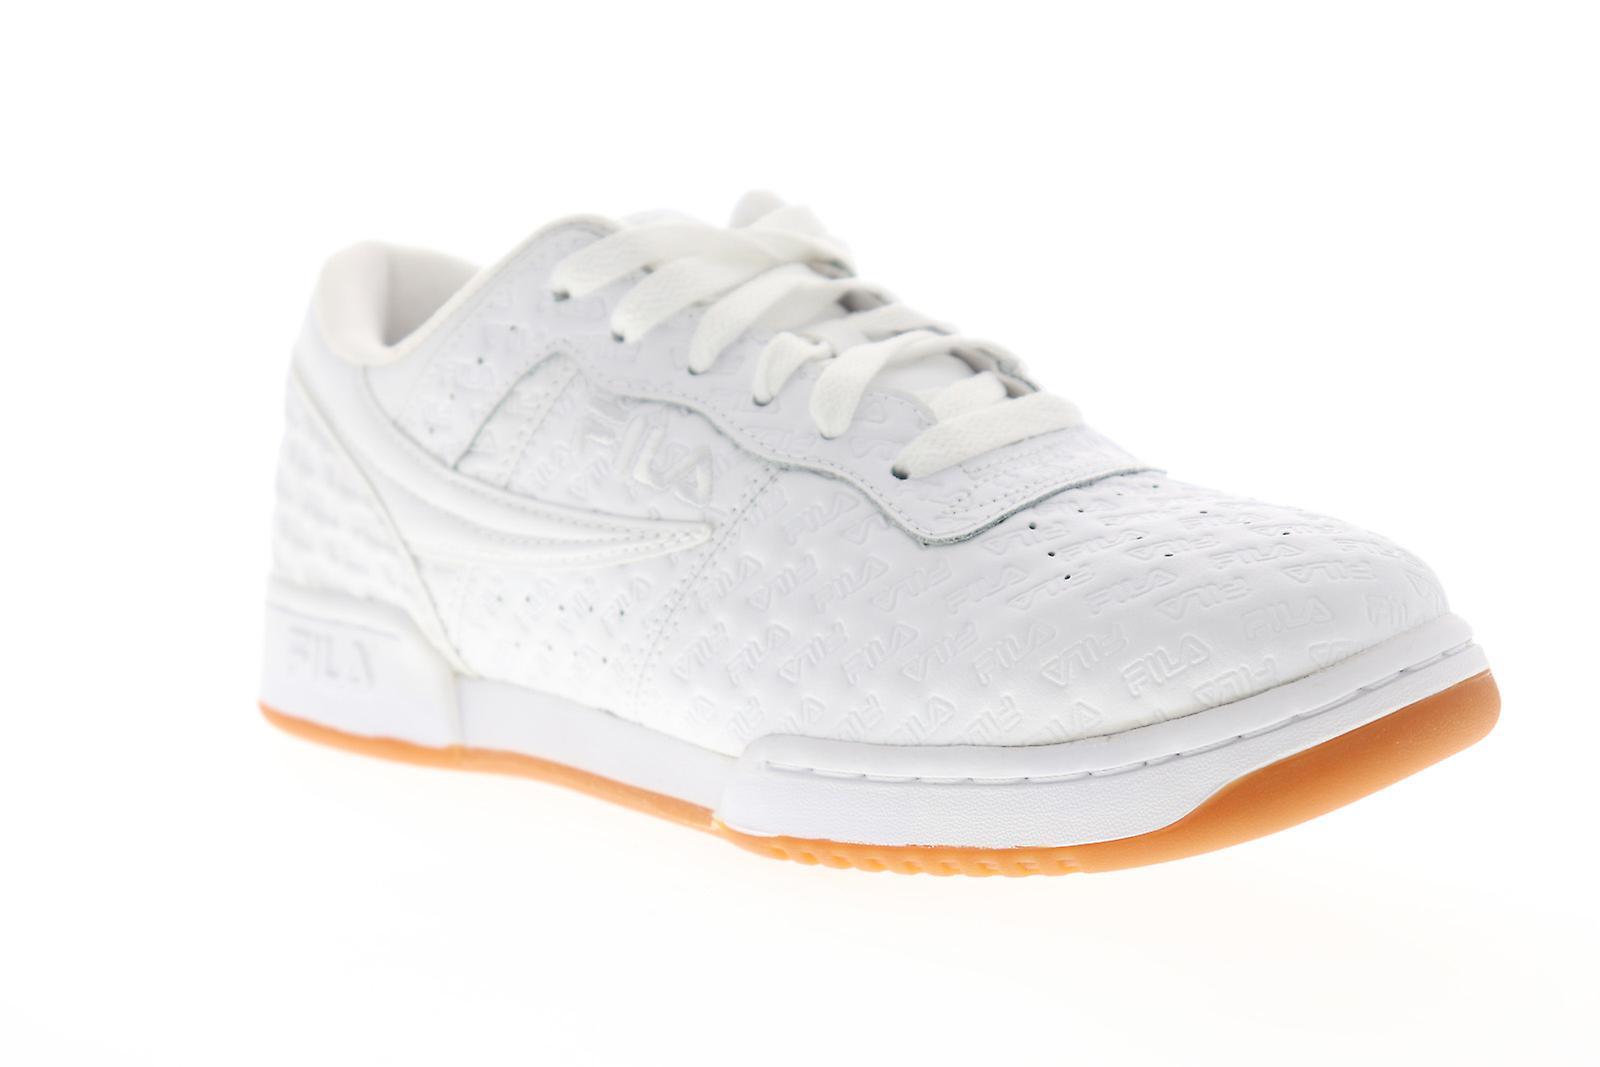 Fila original fitness små logoer menns hvit casual lav topp joggesko sko